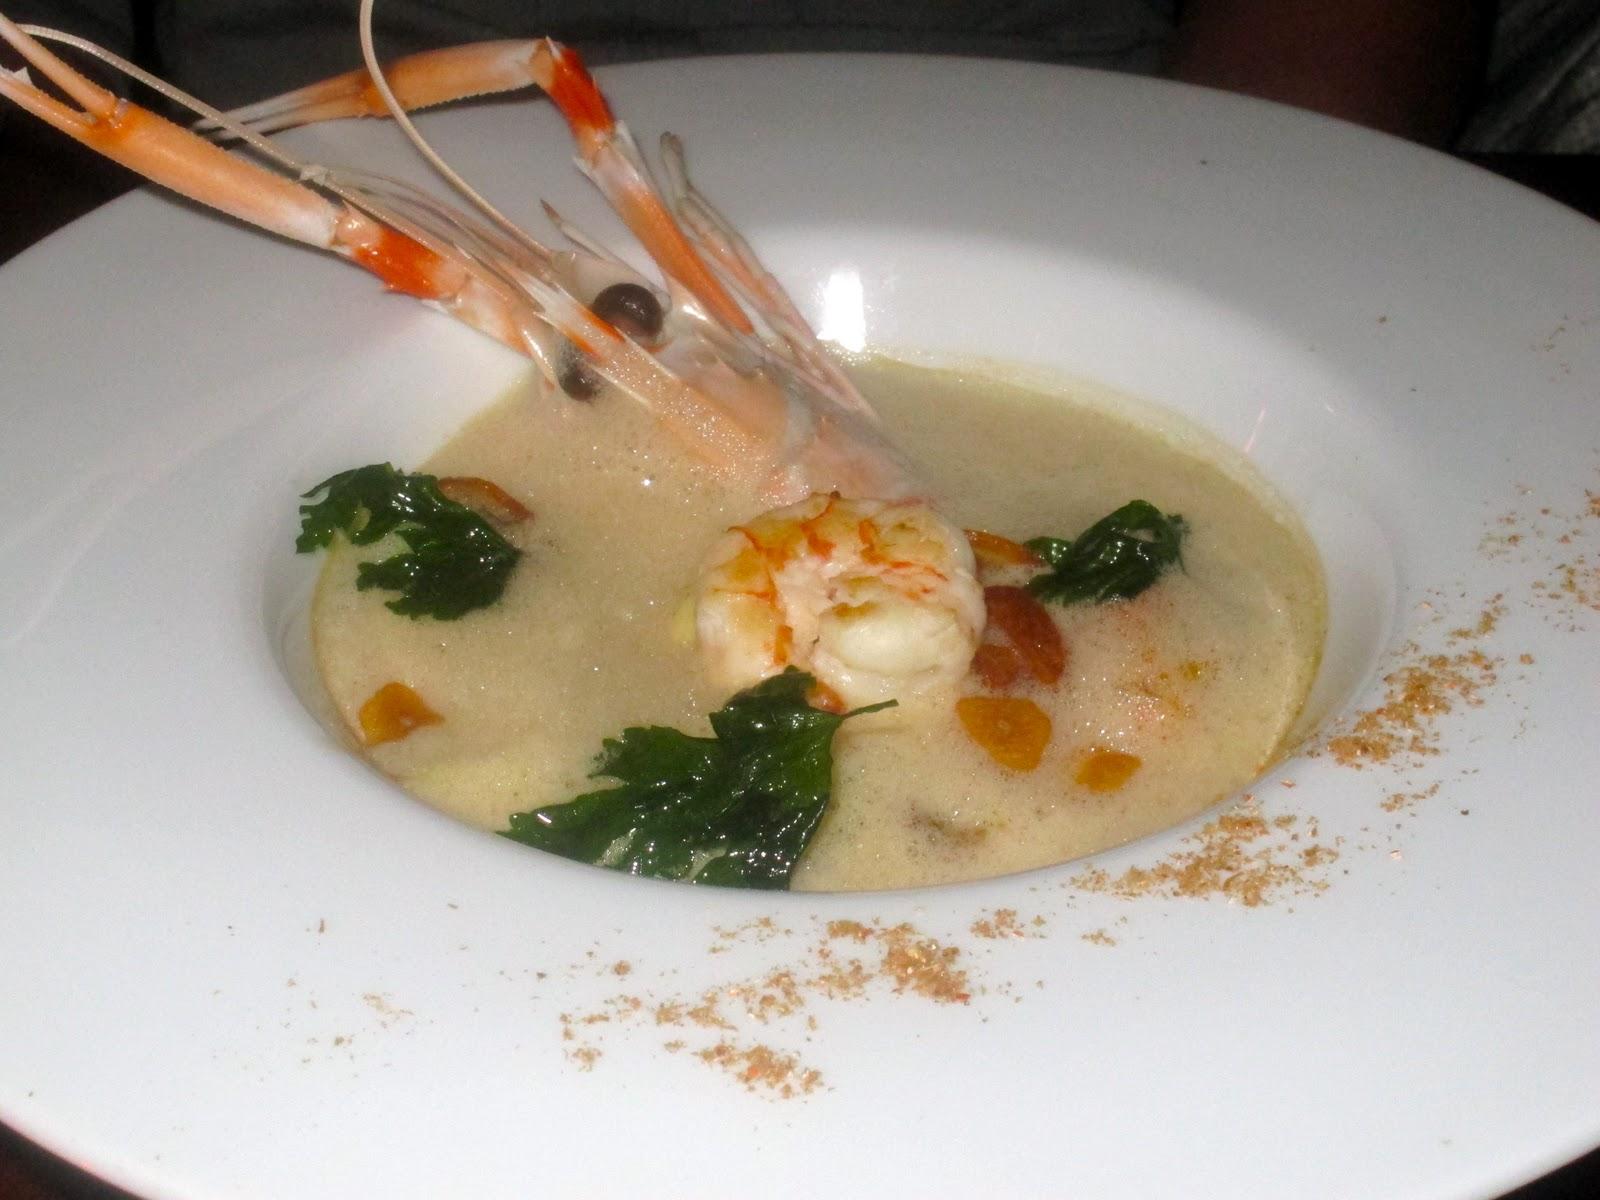 ... seared prawns and scampi, shellfish 'a la mariniere' and garlic r...